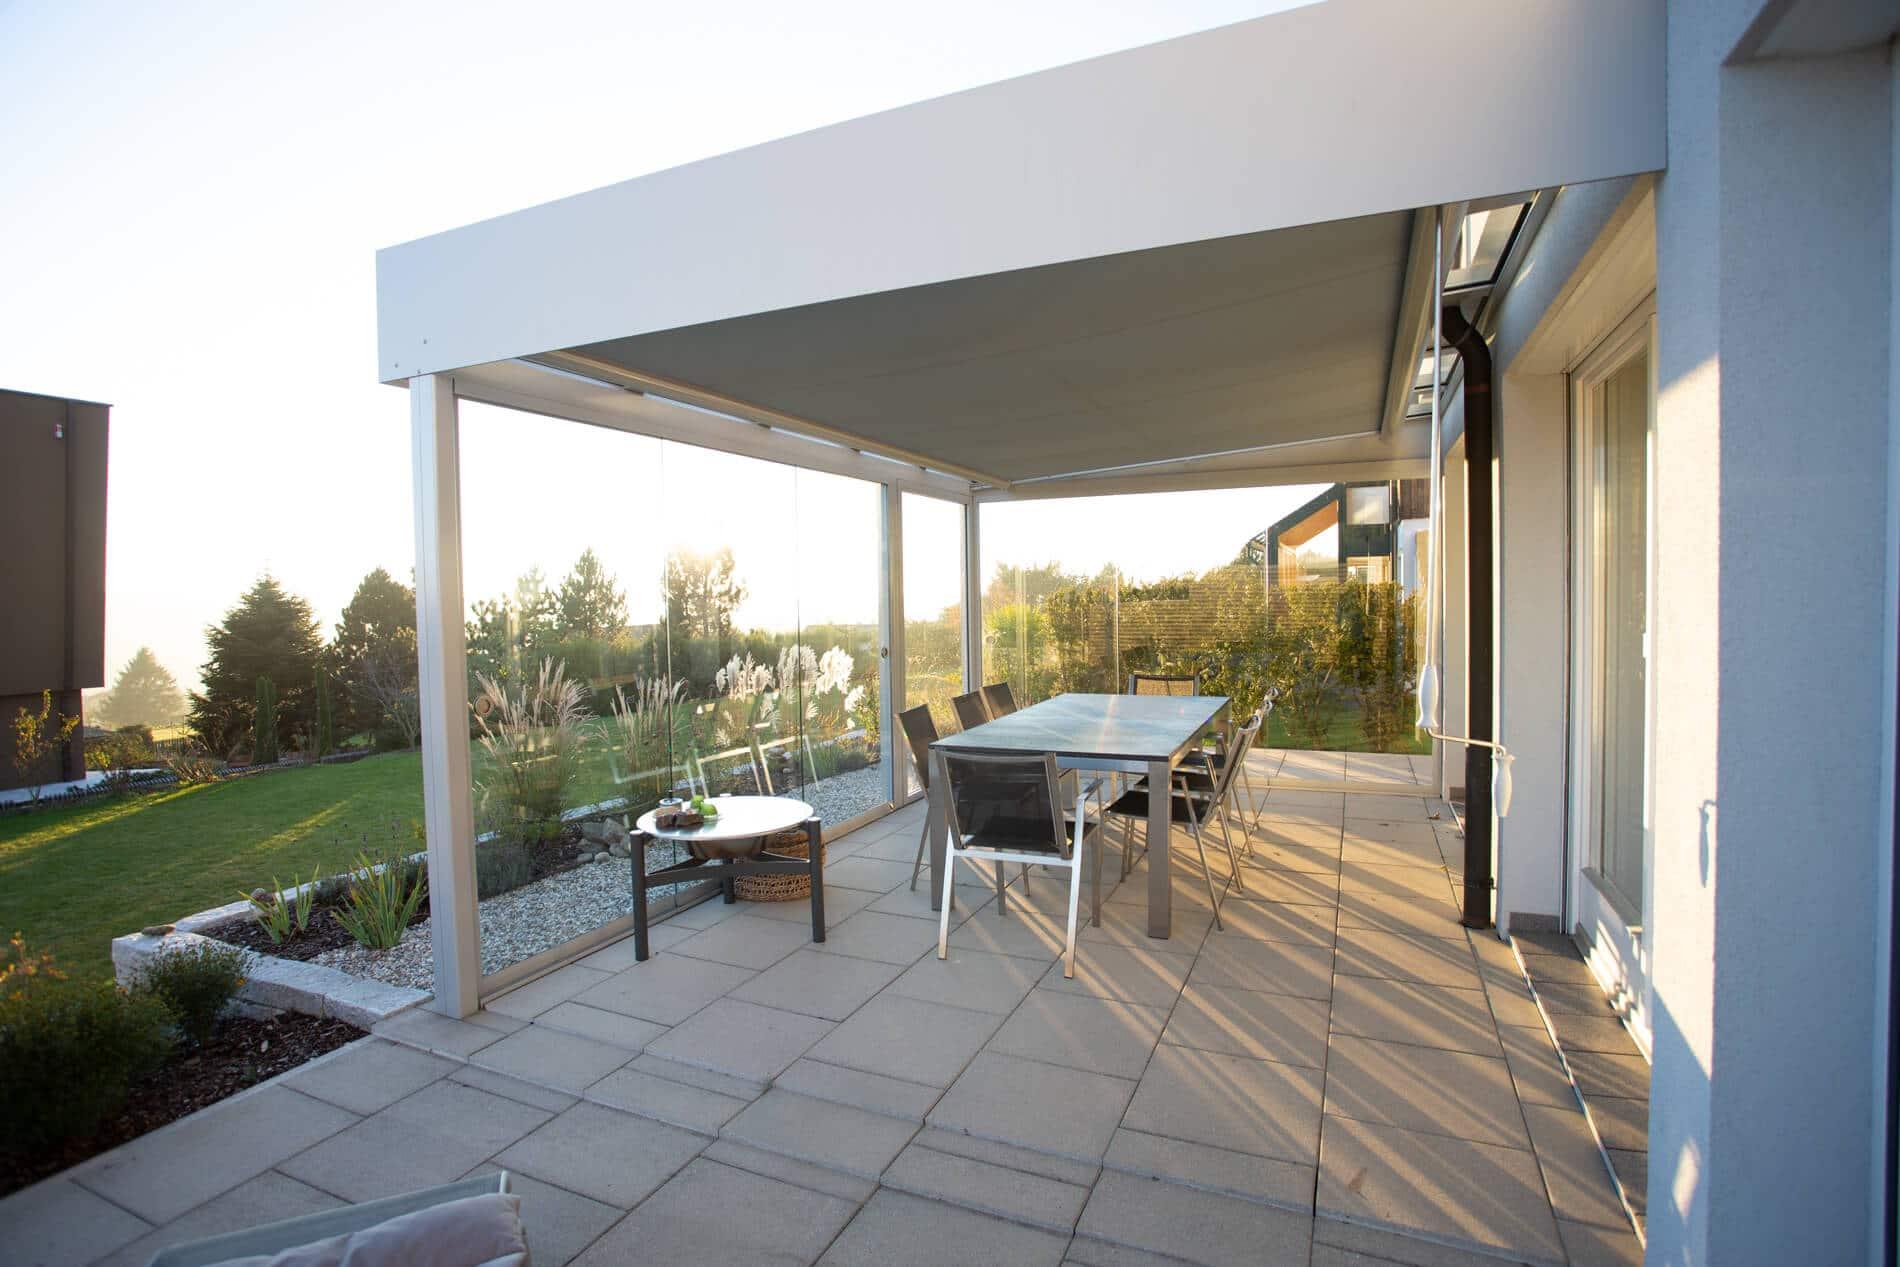 Überdachung Terrasse mit Seitenteile